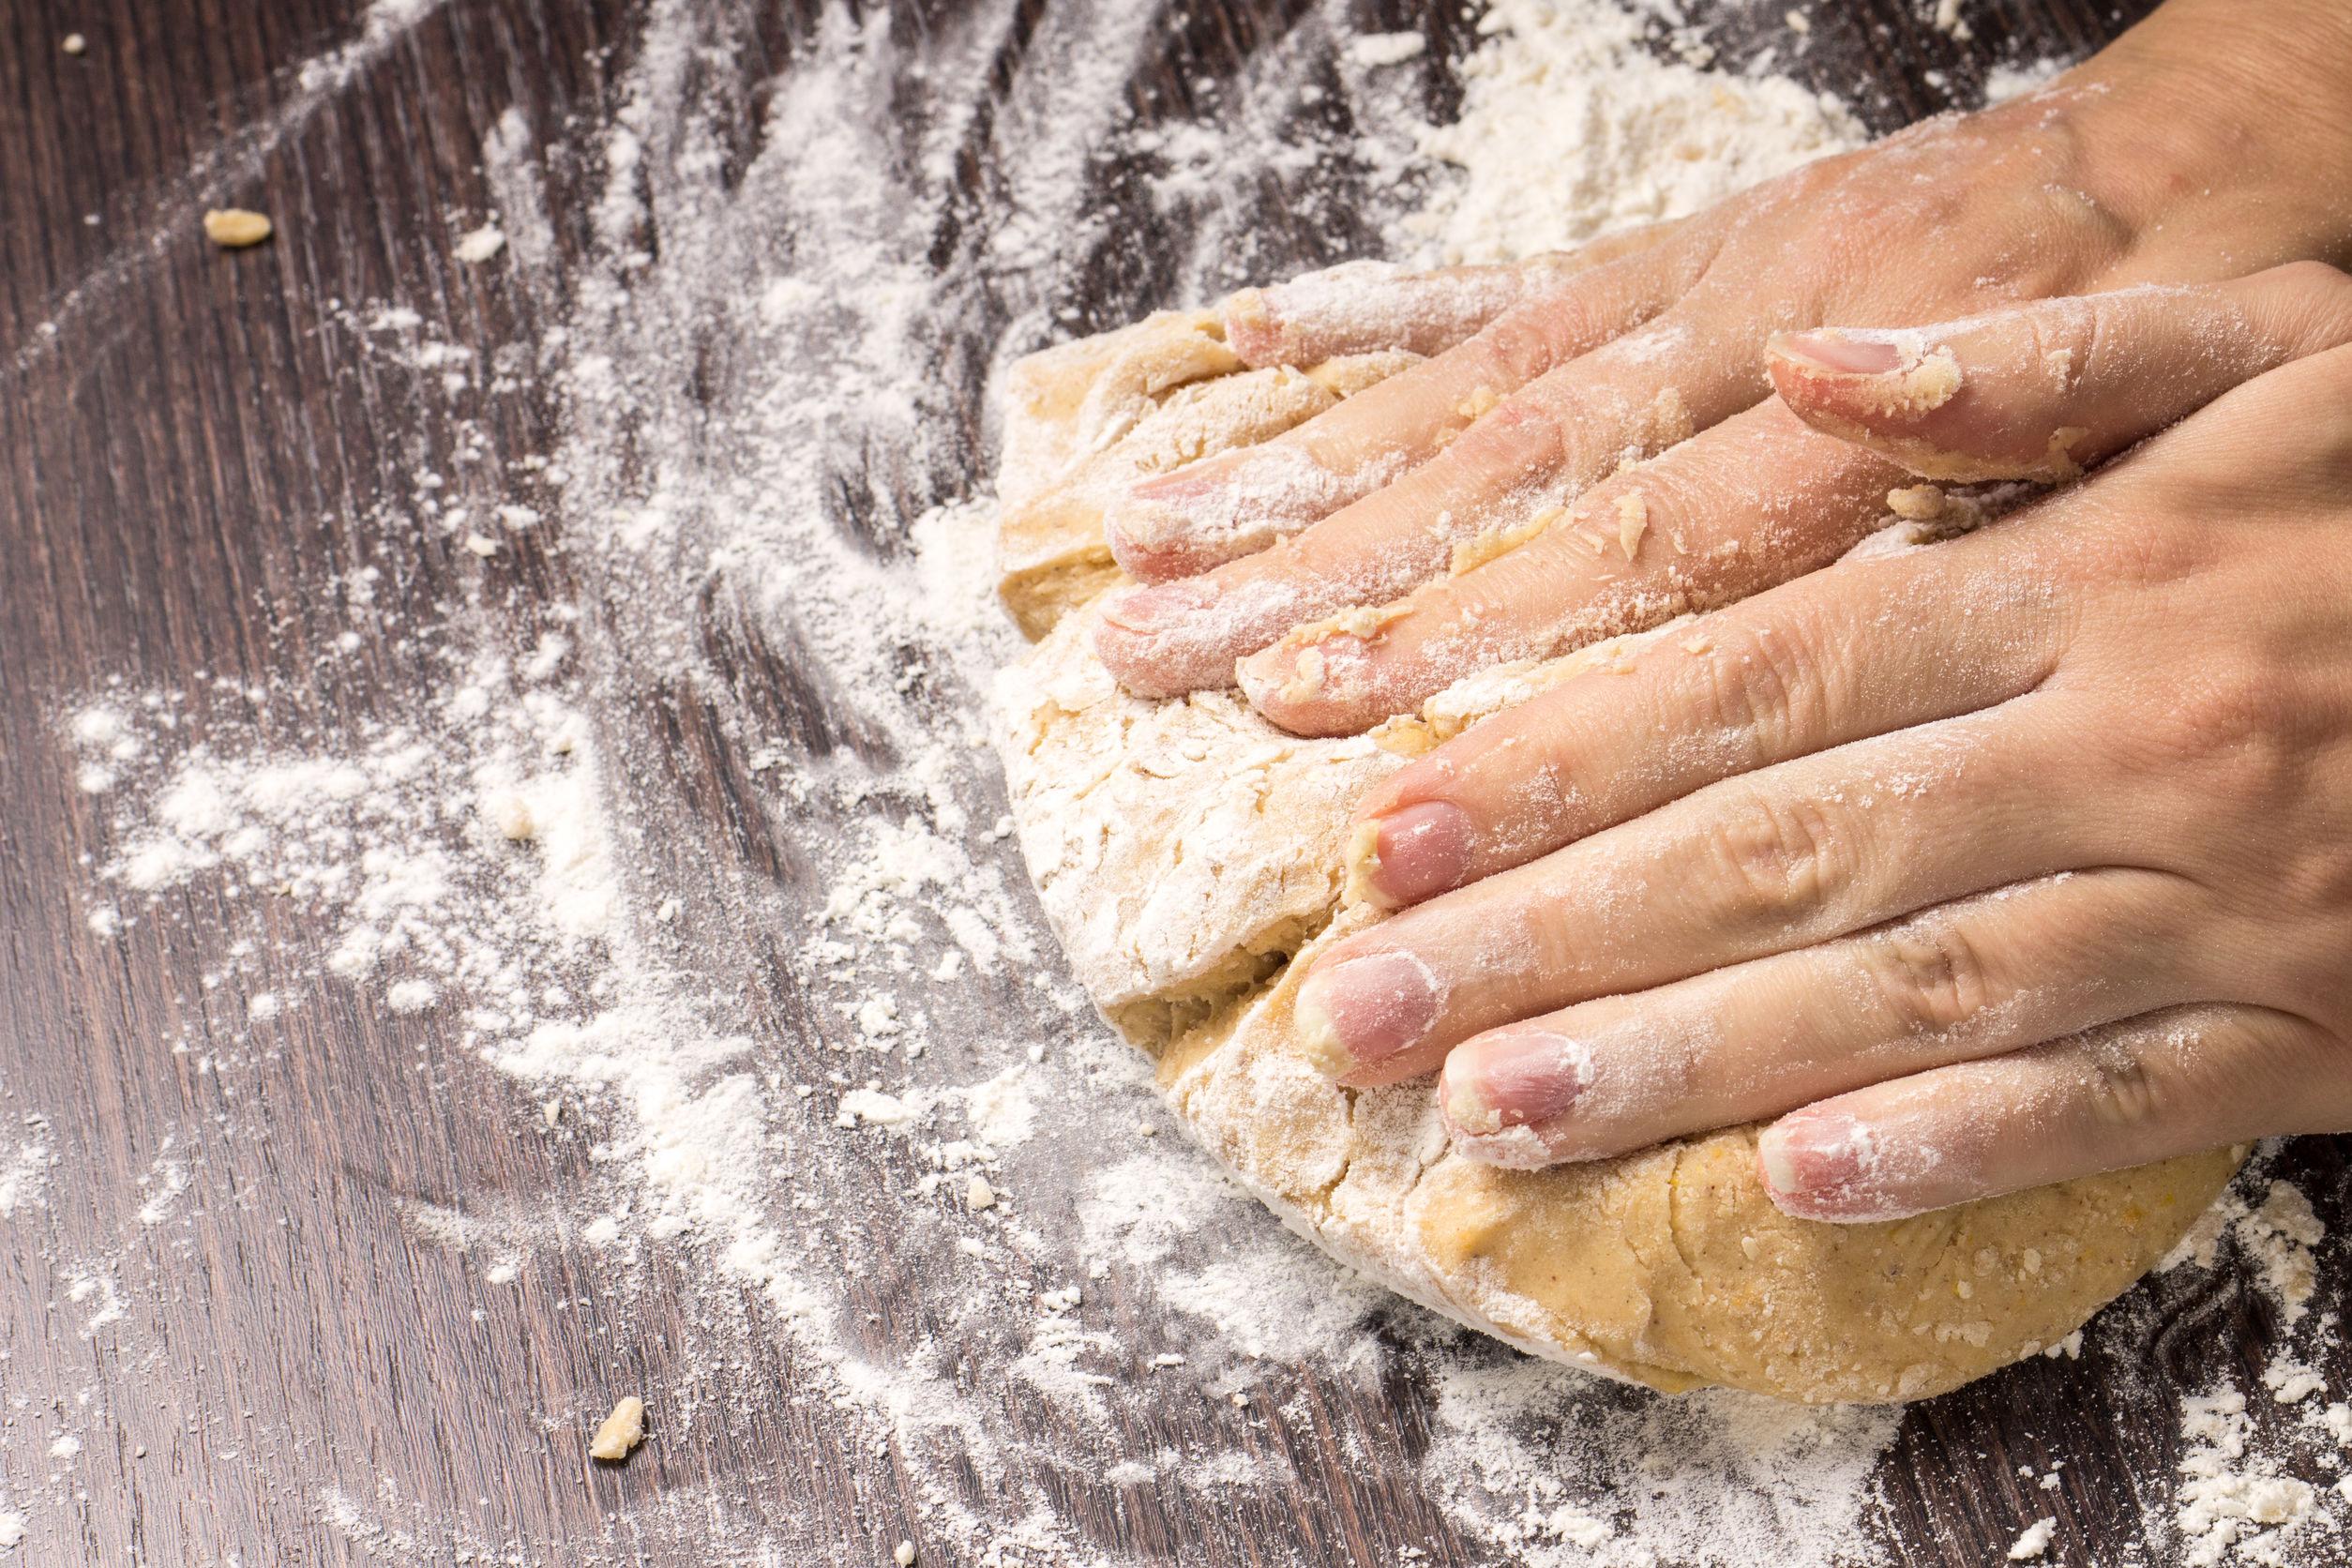 Mãos em closeup sovando a massa em um curso de panificação